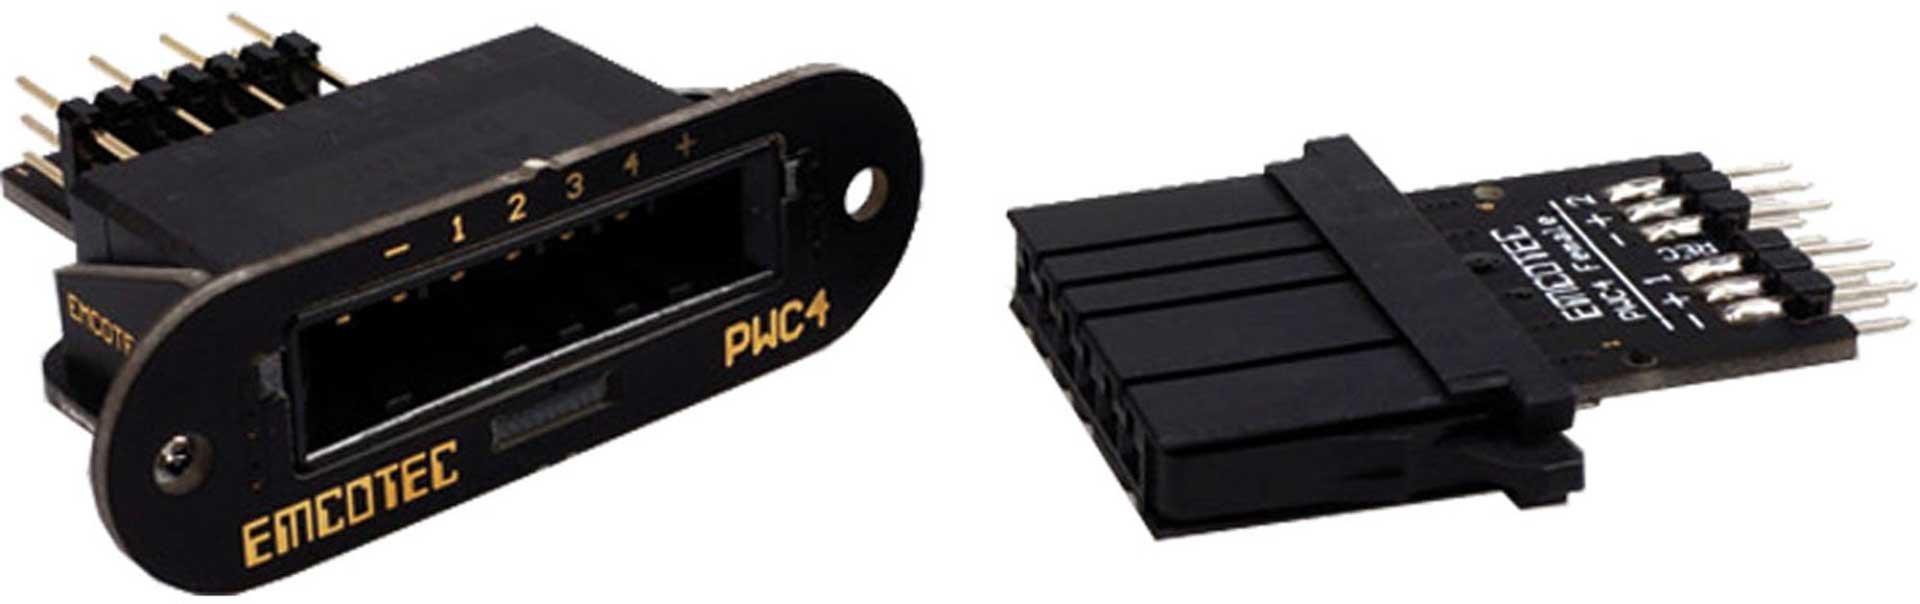 EMCOTEC POWER CONNECTION POUR AILES PWC4 POUR 4 SERVOS